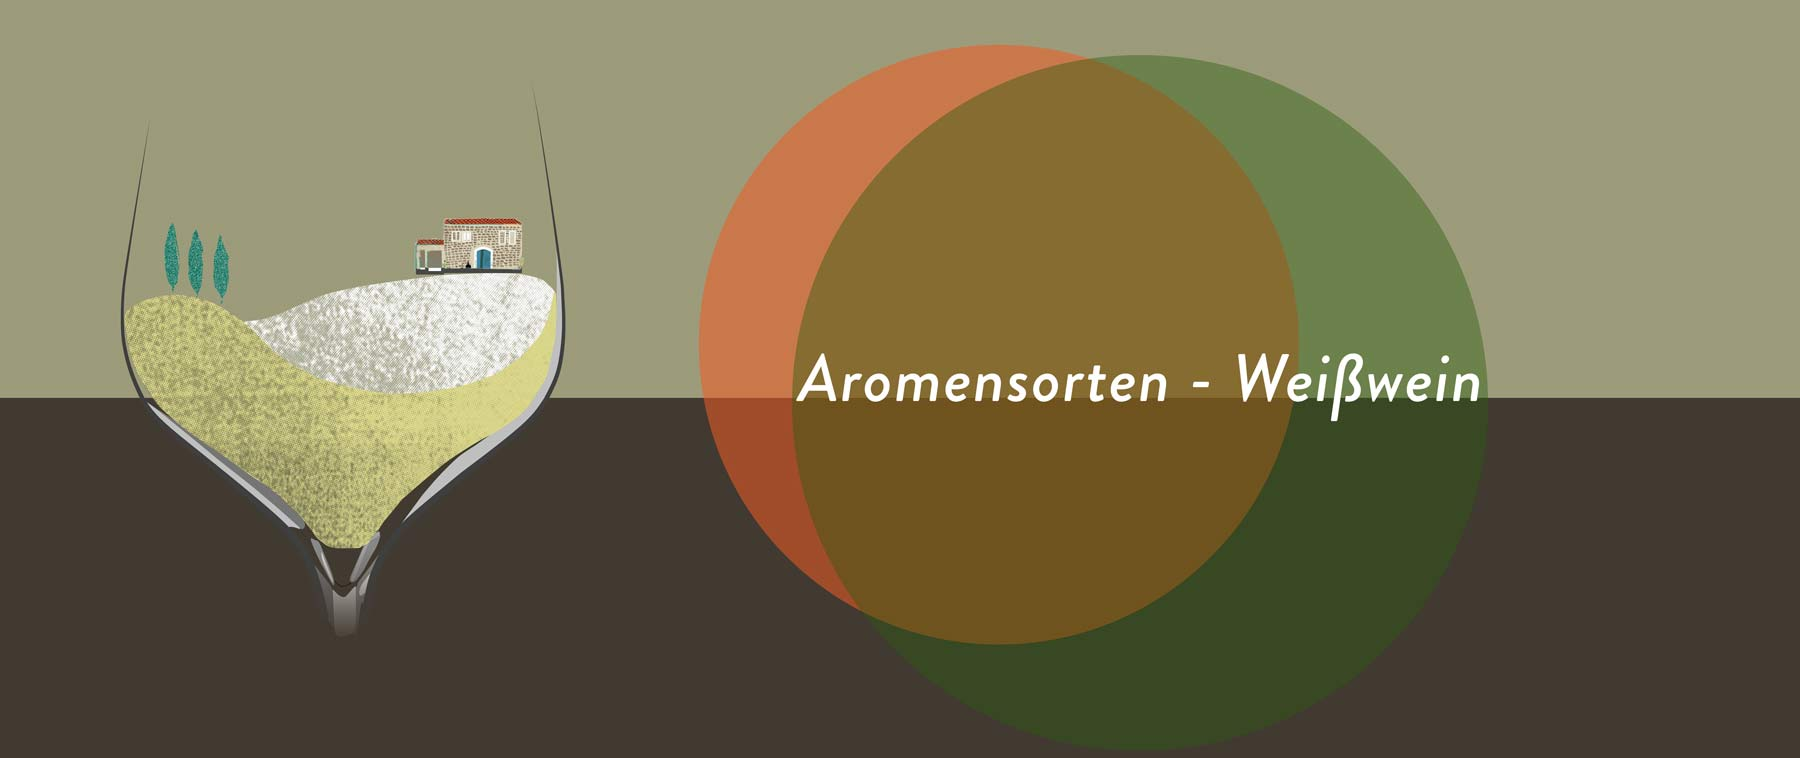 Weißwein aus aromenreichen Rebsorten haben oft mehr Volumen als mancher Rotwein